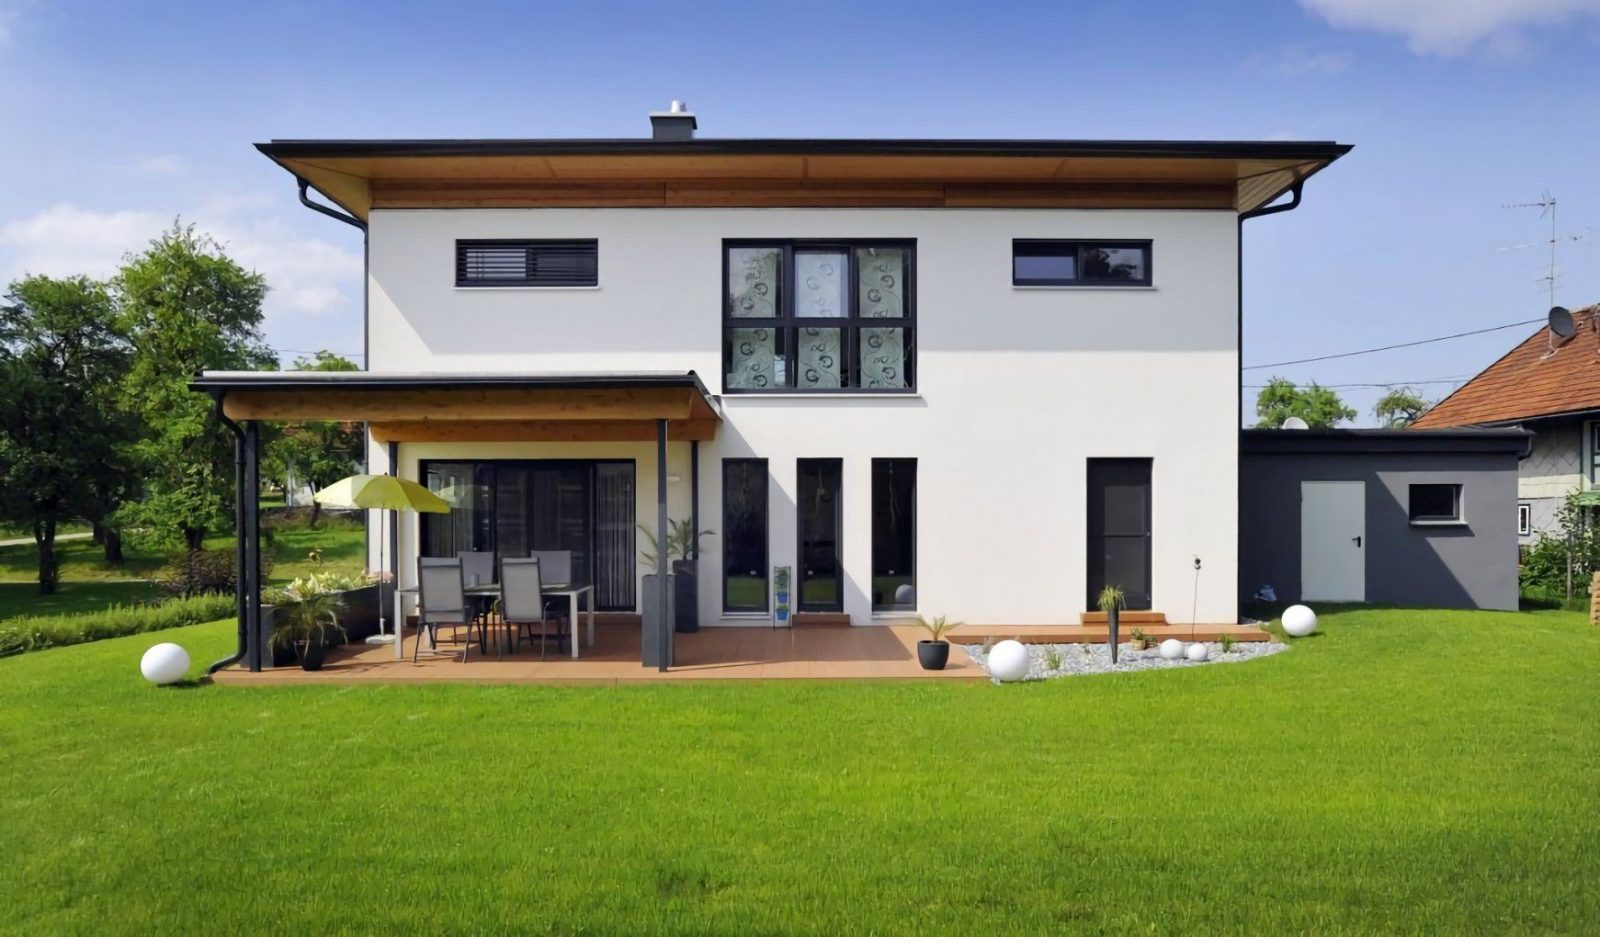 Anbau Haus Ideen Ideen Für Einen Hausanbau Erweiterung Einer